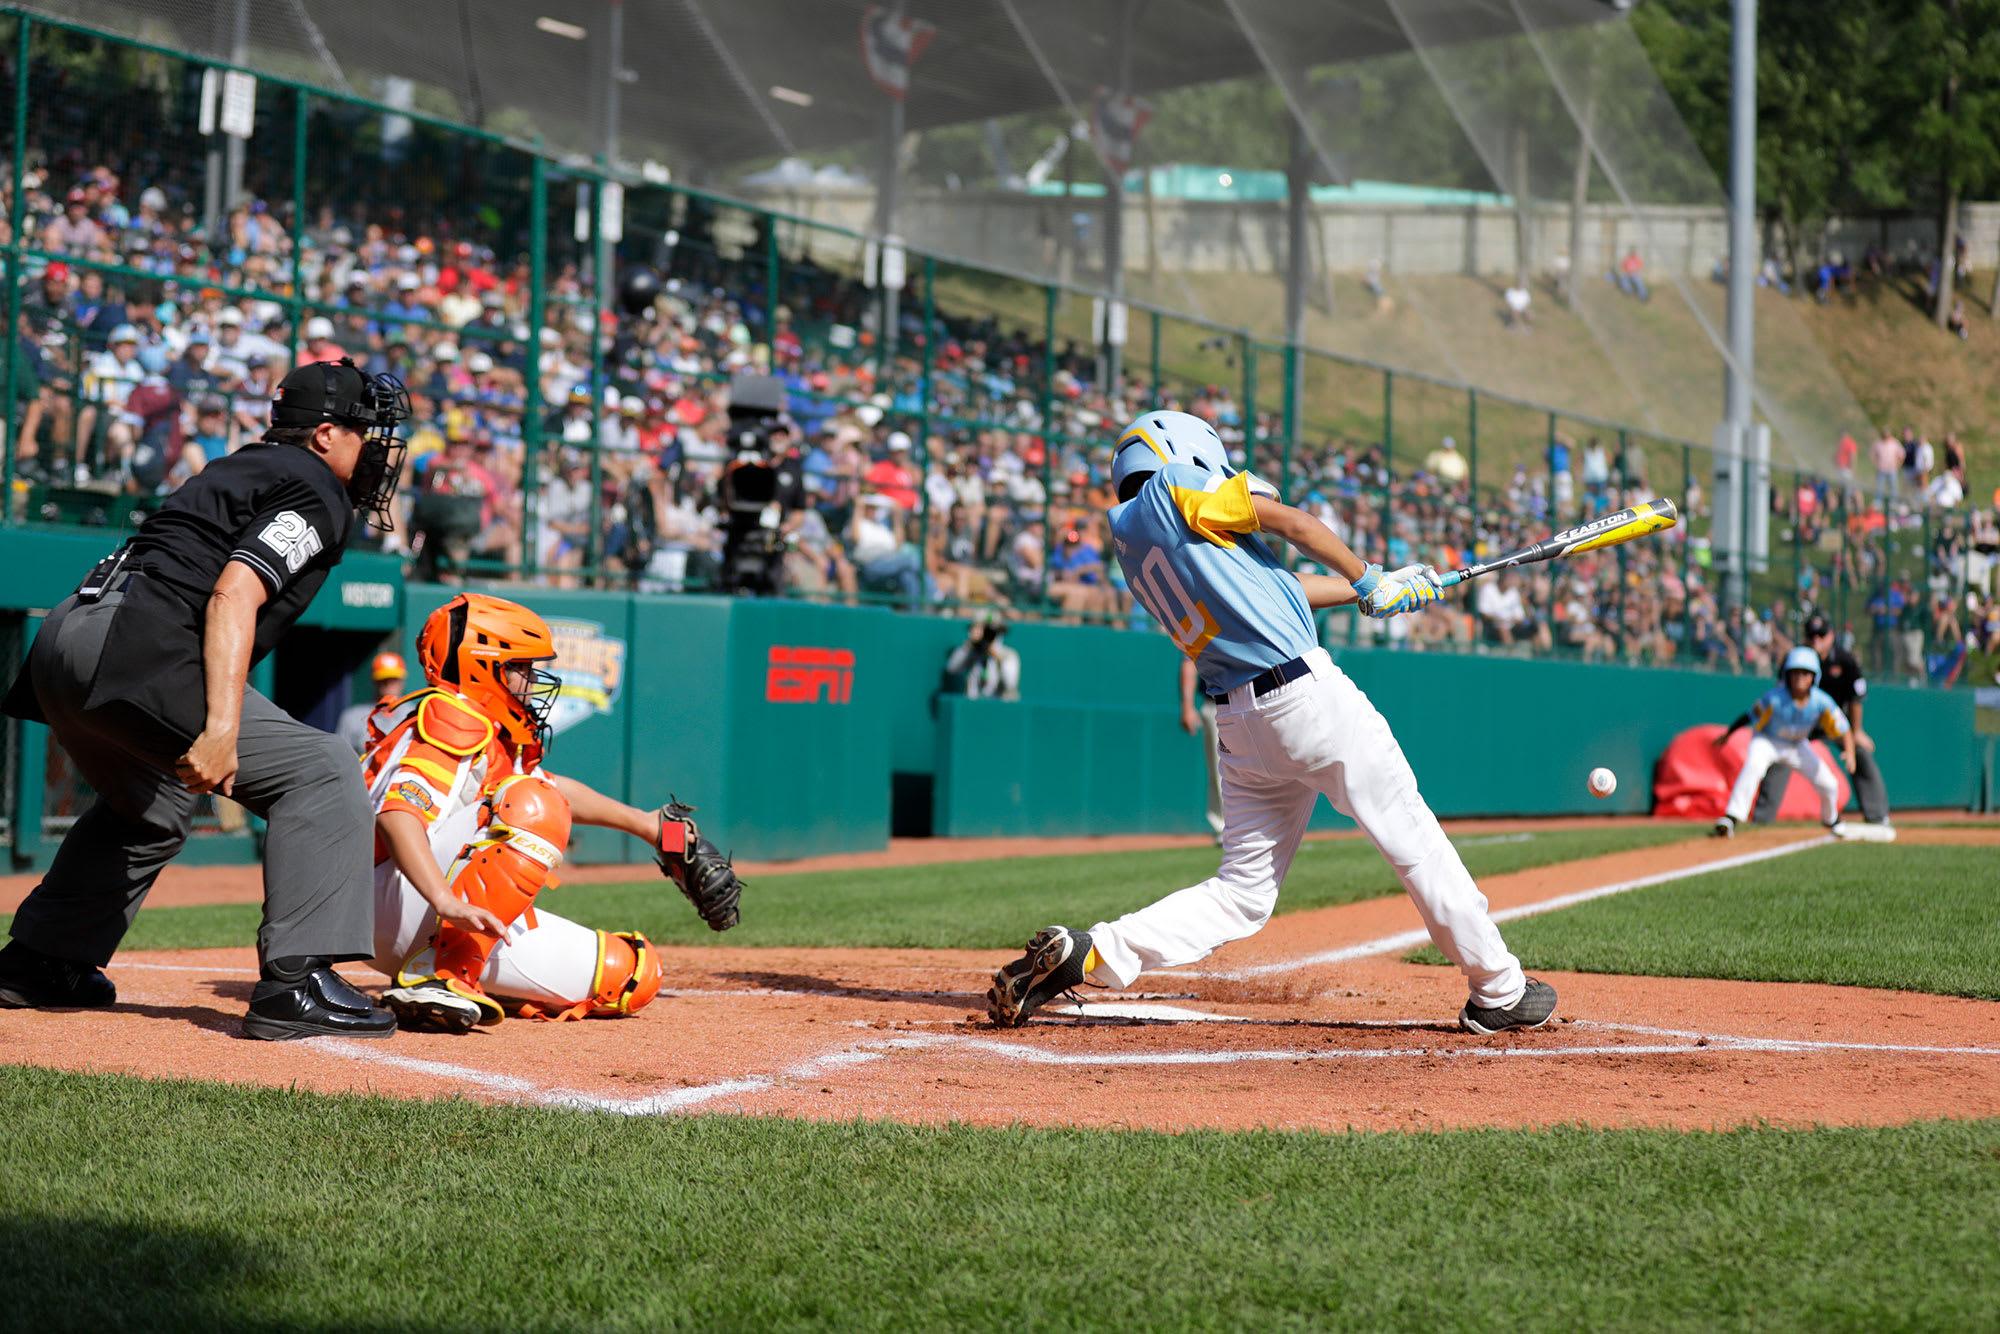 west batter swinging